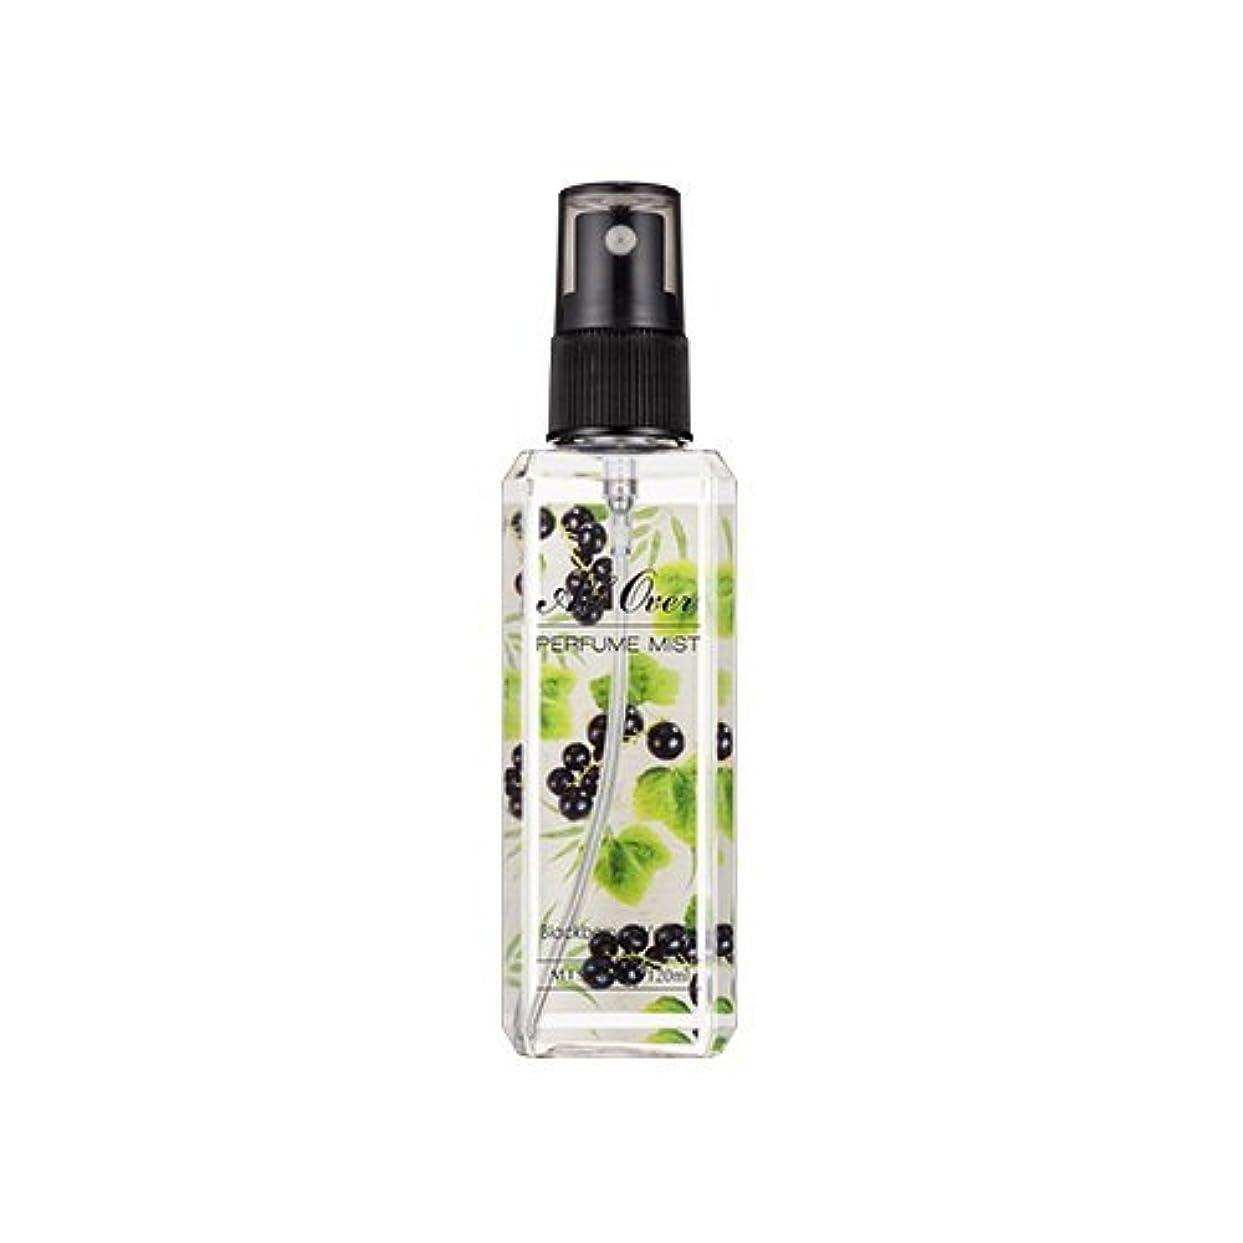 晩餐アシスタント無心MISSHA All Over Perfumed Mist(BlackBerry & Vetiver)t / ミシャ オールオーバーパフュームミスト (BlackBerry & Vetiver) [並行輸入品]